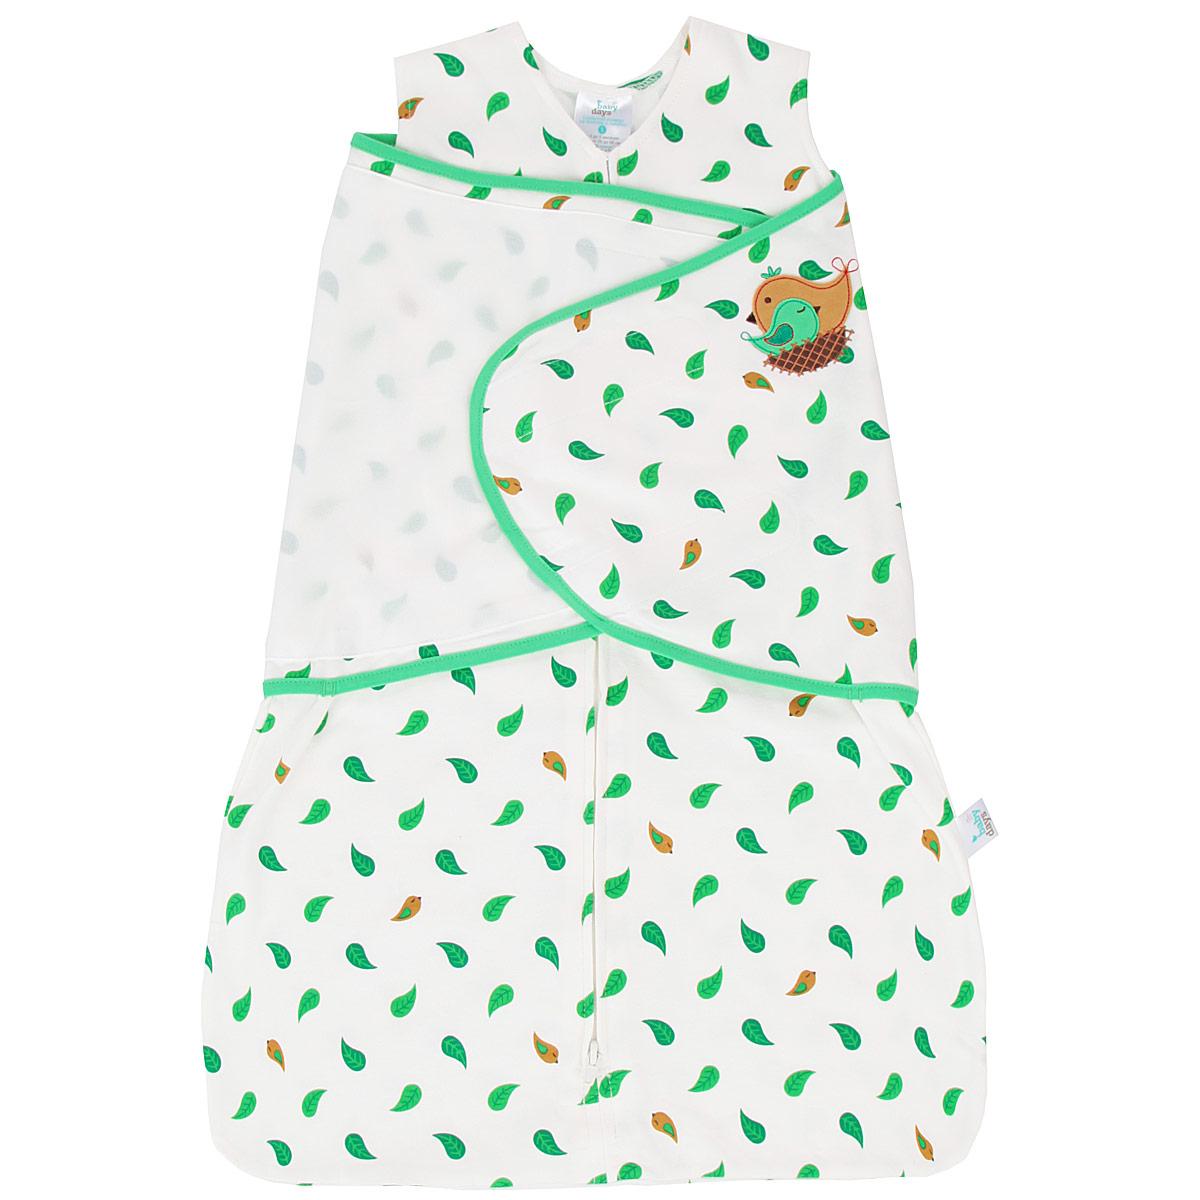 Спальный конверт для новорожденного Babydays Птичка, цвет: белый, зеленый. bd20001. Размер S (58/66), 3-6 месяцев0101-400 LNA_белый _58-66 см.Спальный конверт для новорожденного Babydays Птичка, изготовленный из натурального хлопка, необычайно мягкий и легкий, не раздражает нежную кожу ребенка, и хорошо вентилируются и отлично впитывает влагу, а эластичные швы приятны телу ребенка и не препятствуют его движениям. Модель спроектирована с учетом максимальной безопасности и комфорта, заменяя традиционные одеяльца, которые могут закрыть малышу лицо и затруднить дыхание. Безрукавный крой снижает риск перегрева. Свободный крой не сковывает движения, что важно для правильного развития тазобедренного сустава.Конверт застегивается на пластиковую застежку-молнию снизу вверх, что делает удобным смену подгузников и не травмирует подбородок малыша, и дополнительно запахом на липучки. Модель спального конверта позволяет держать руки малыша как внутри, так и снаружи. Два способа пеленания малыша показаны на инструкции по использованию. Оформлено изделие принтом с изображением листочков, а также аппликацией в виде птички. Спальный конверт полностью соответствует особенностям жизни ребенка в ранний период, не стесняя и не ограничивая ее в движениях!